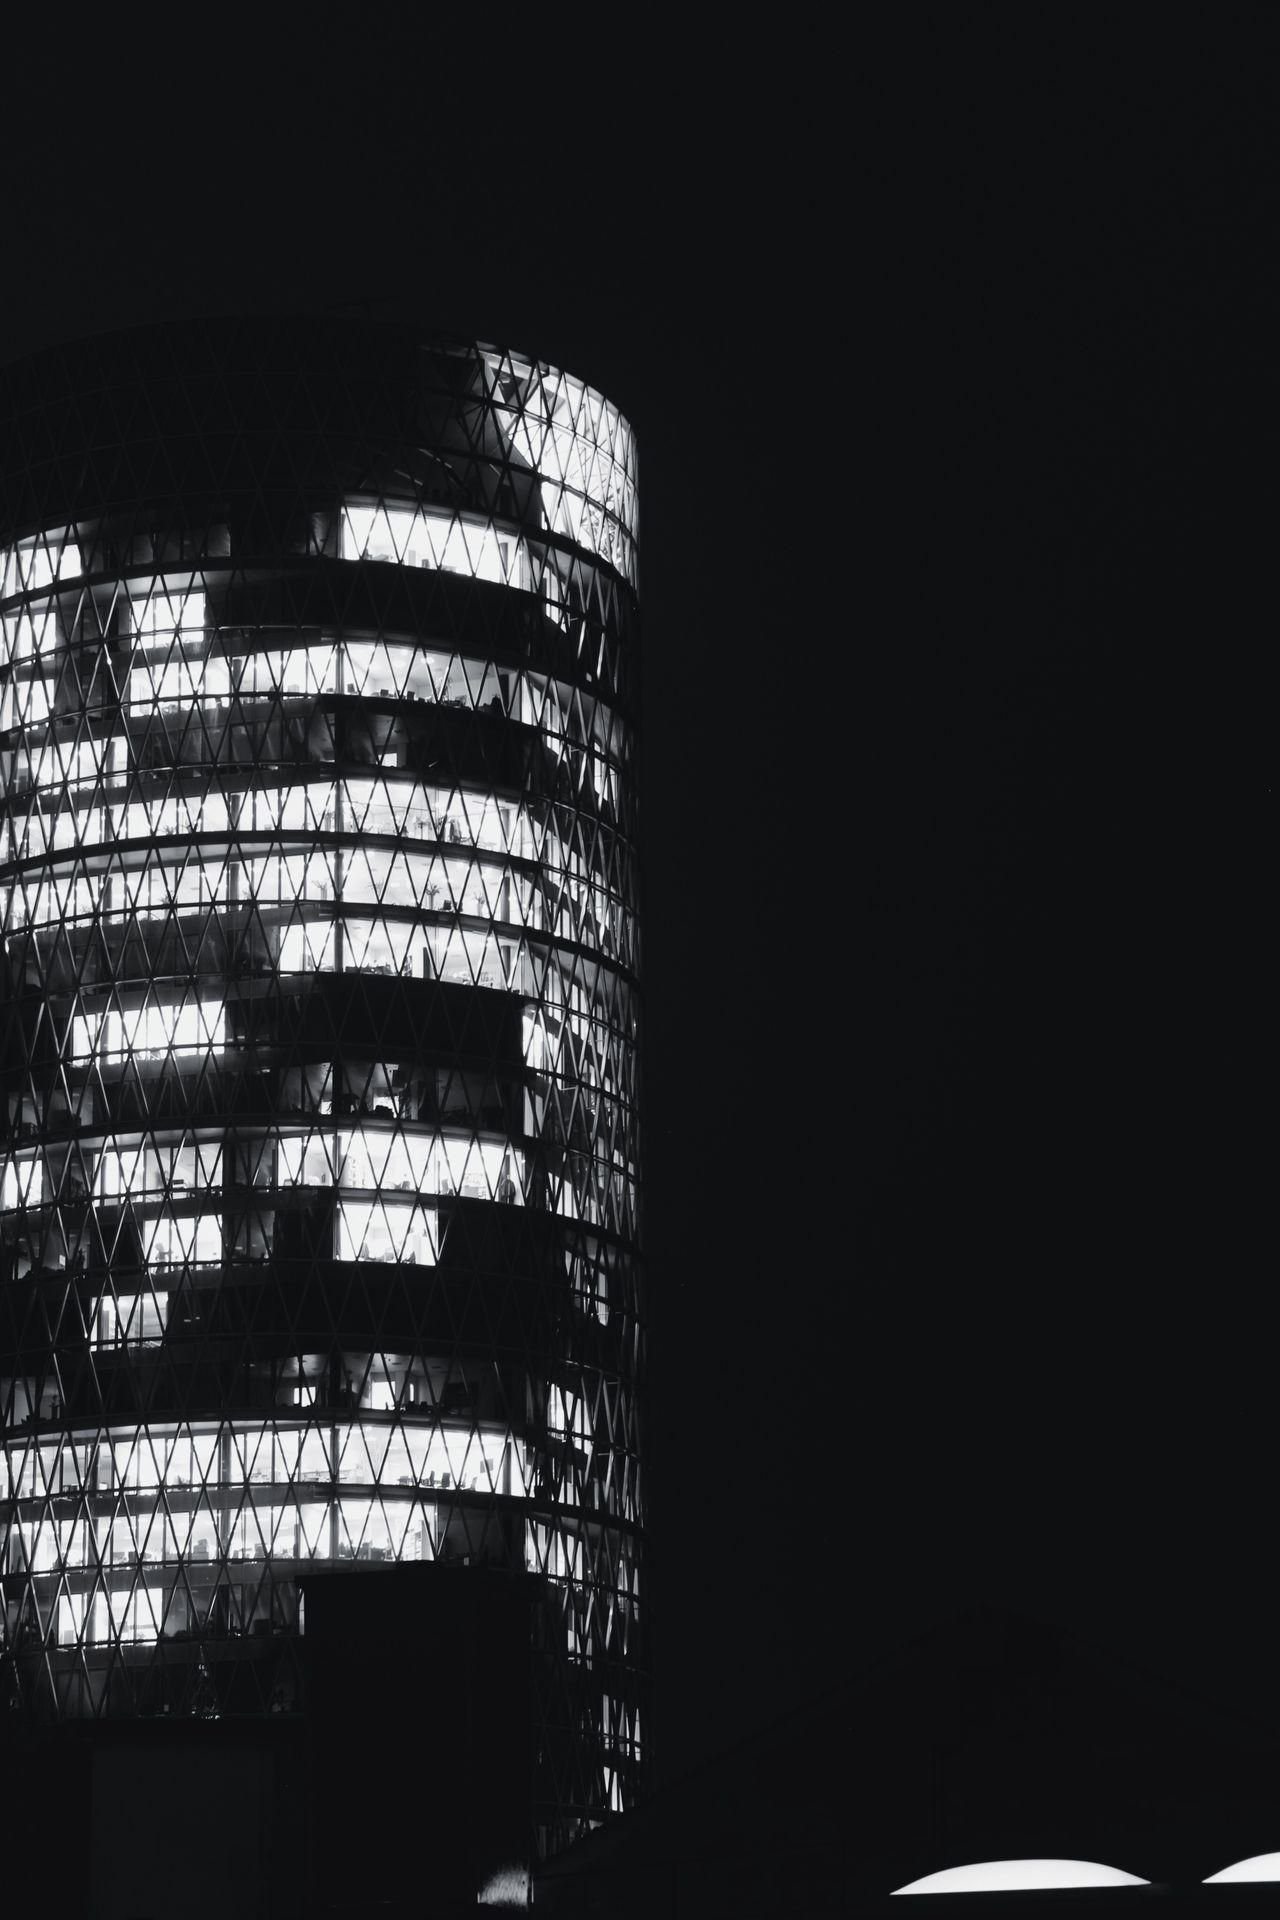 Dark Darkness And Light Illuminated Dark Photography No People Architecture Architecture_bw Architectural Detail Modern Monochrome Bw Blackandwhite Sky Built Structure City Building Frankfurt Westhafen Tower Westhafen Gutleutviertel